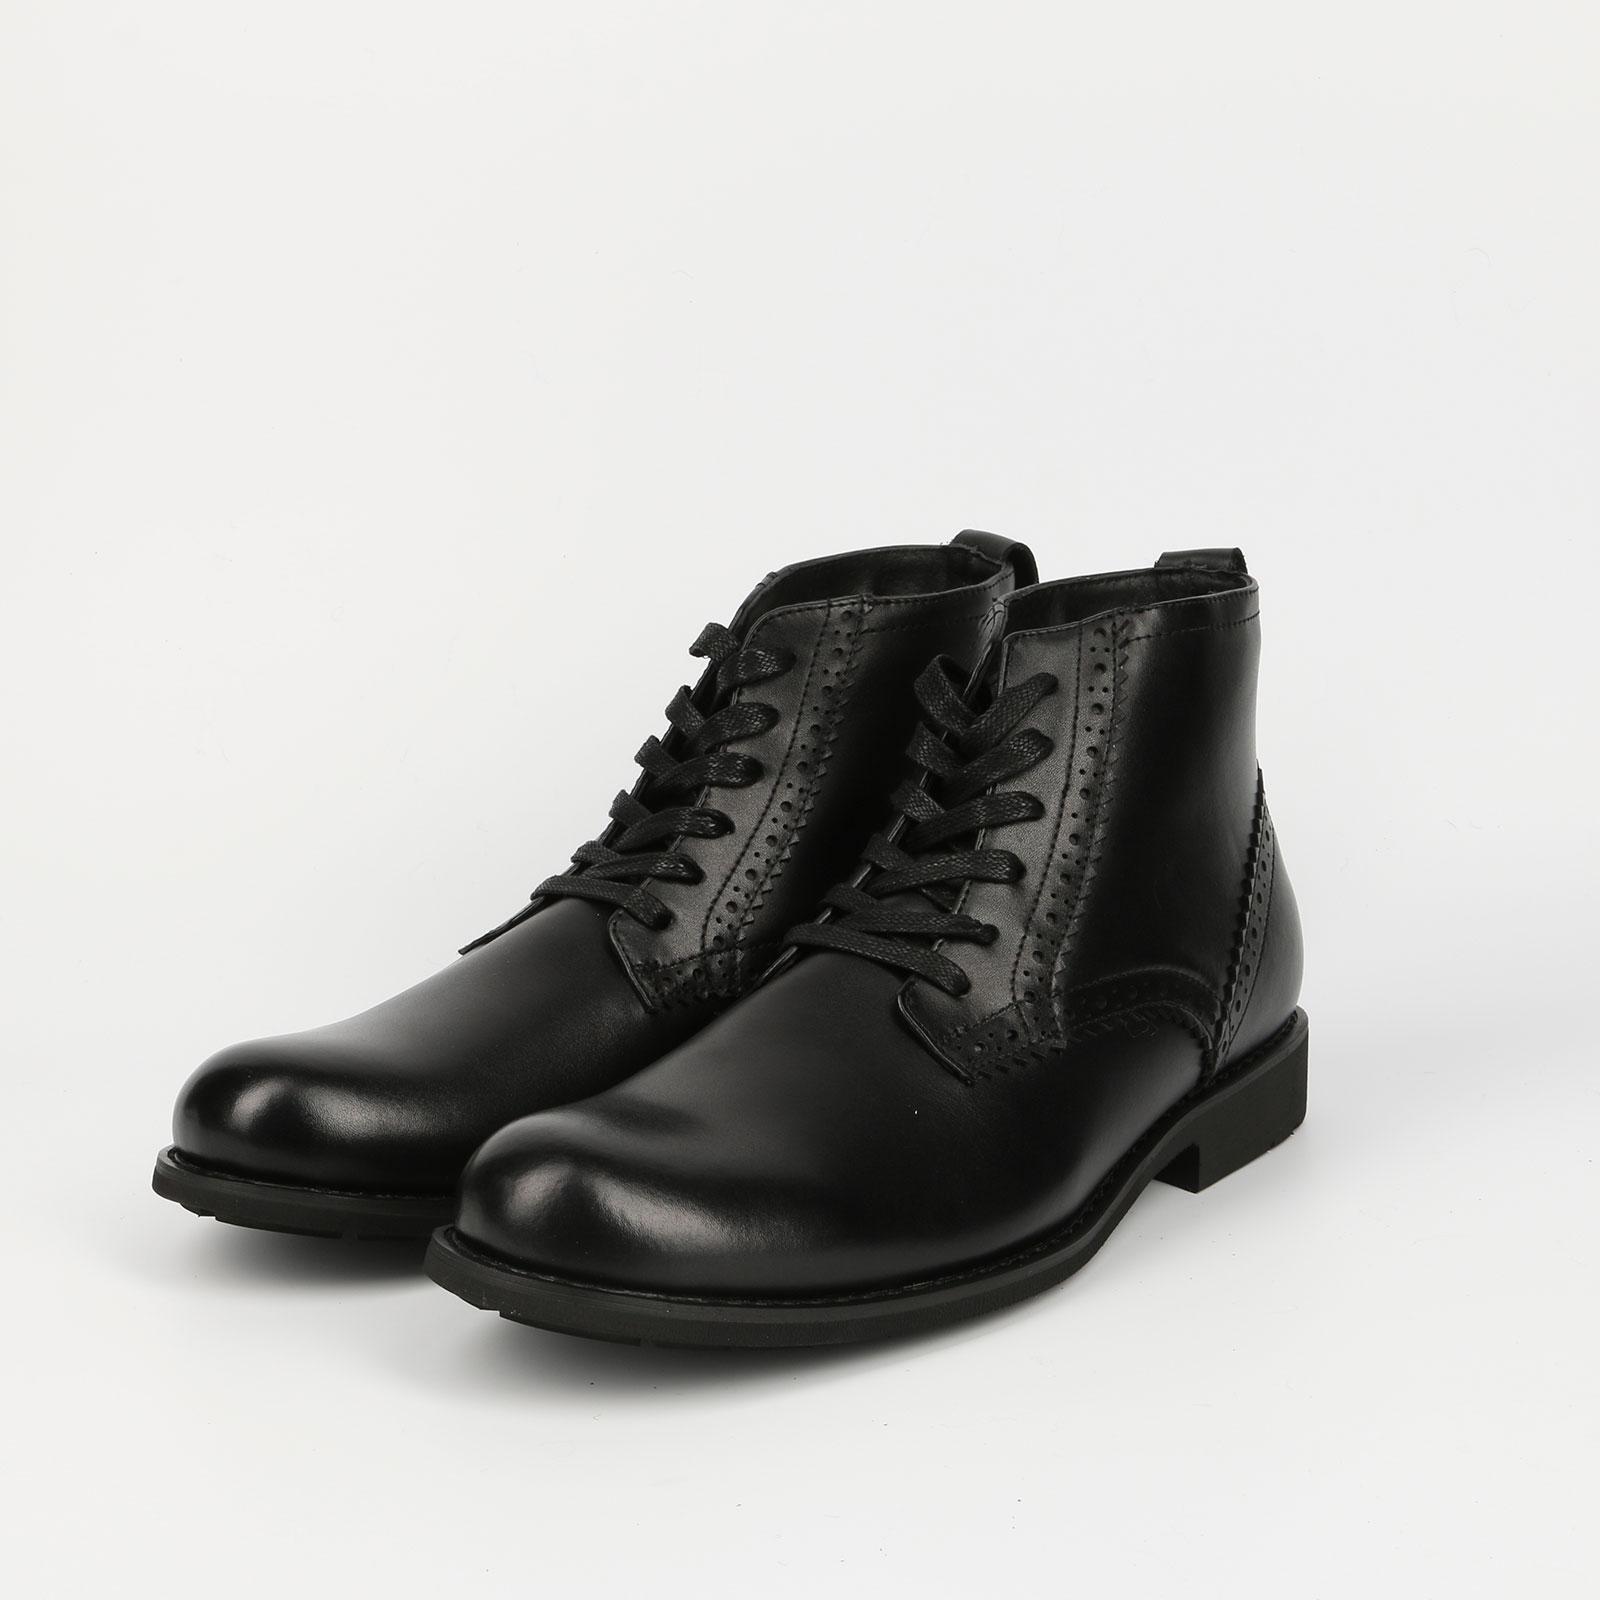 Ботинки мужские из кожи на шнуровке